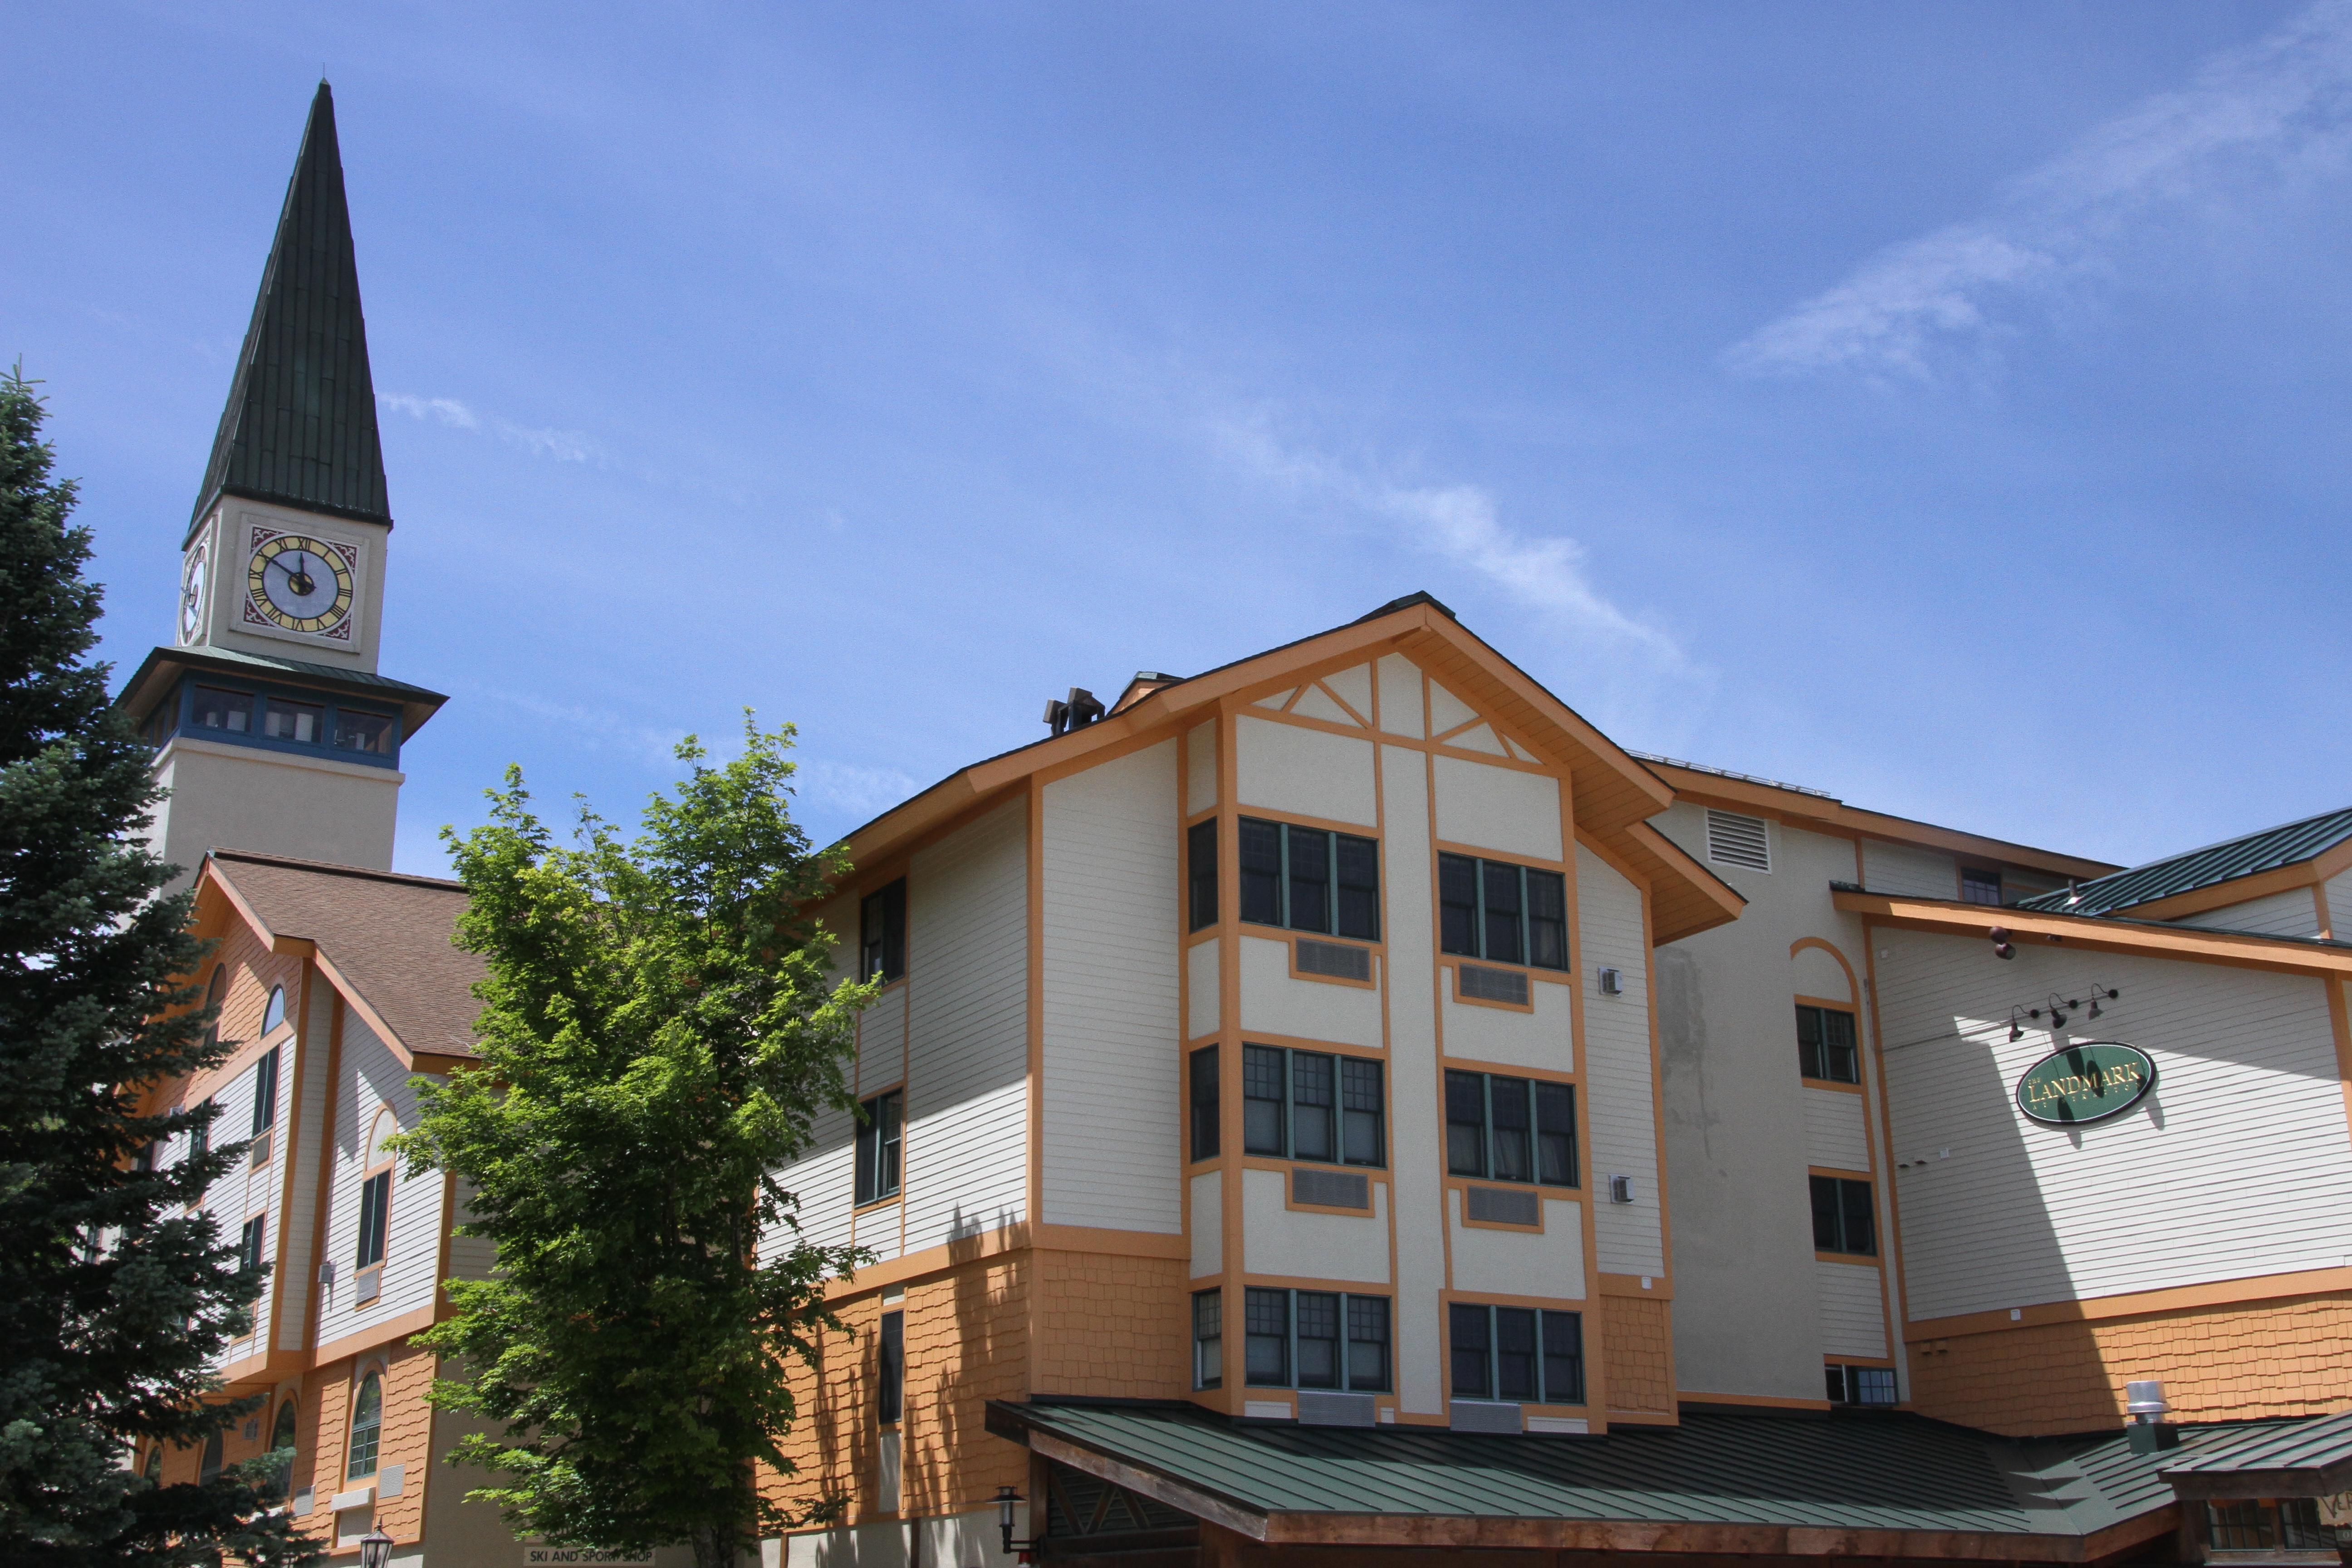 The Landmark VT Real Estate